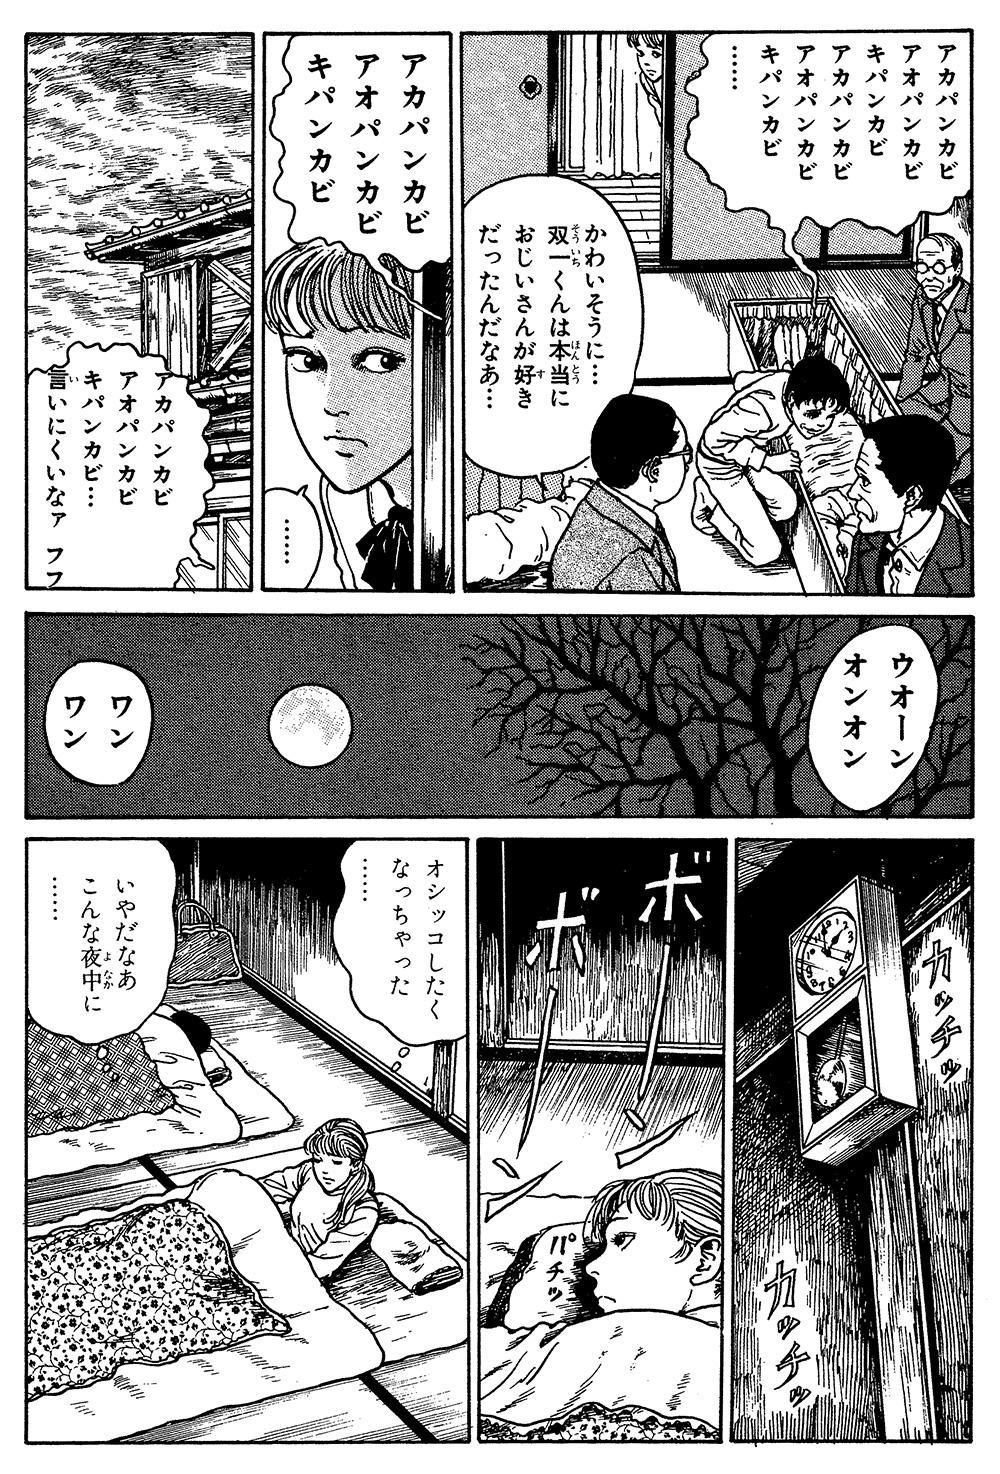 伊藤潤二傑作集「棺桶」①kanoke01-20.jpg